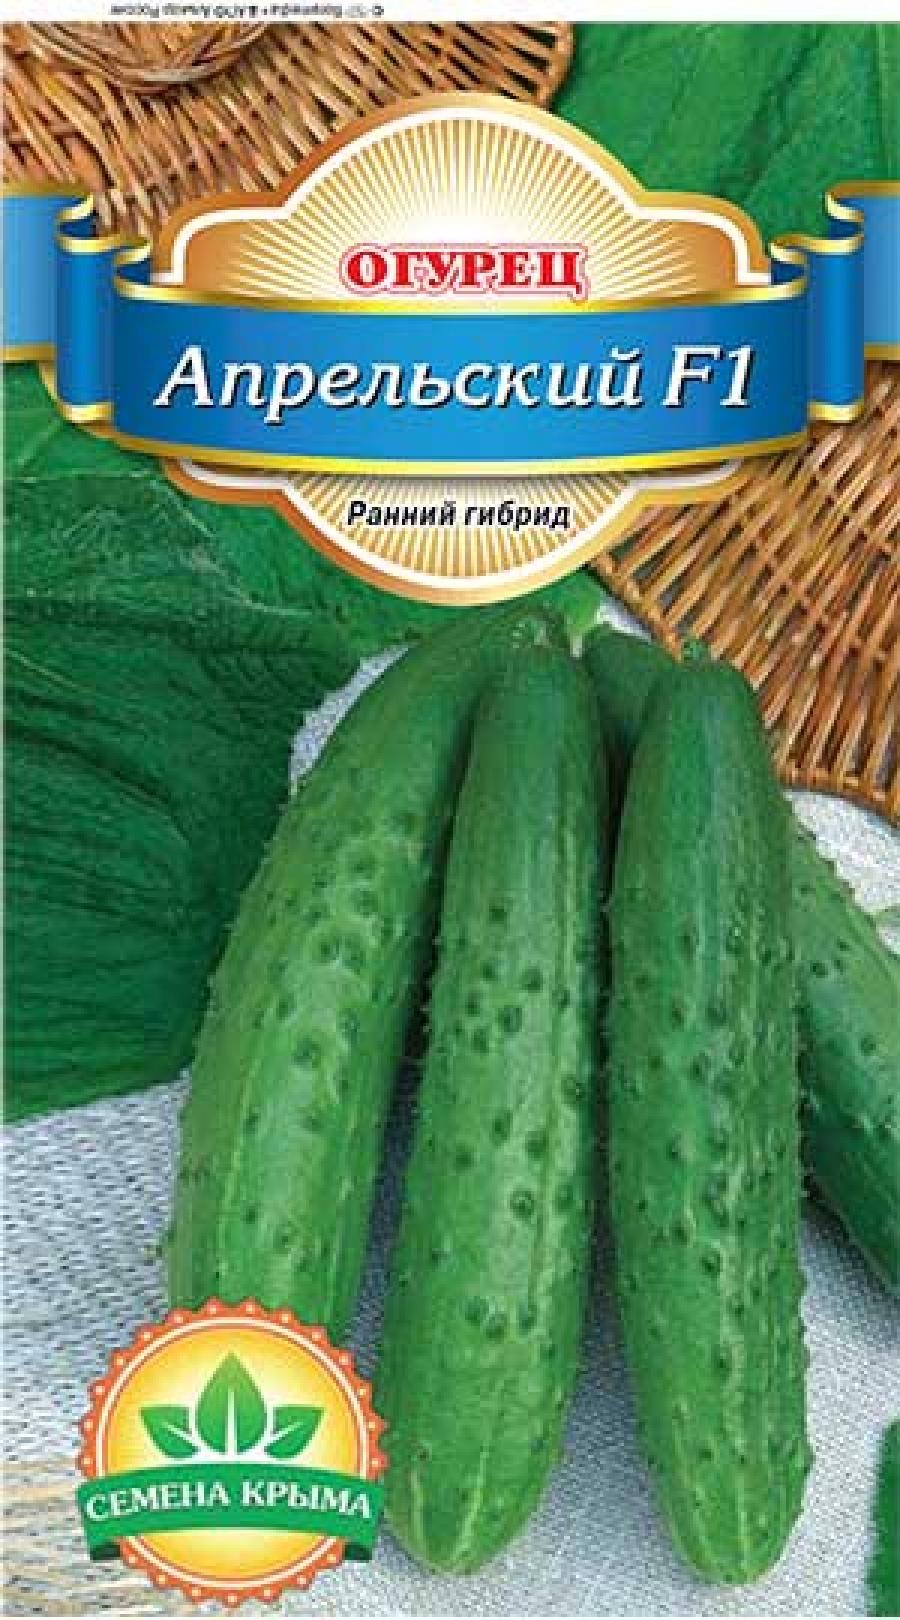 Сорт огурцов апрельский f1: характеристика, описание с фото, отзывы